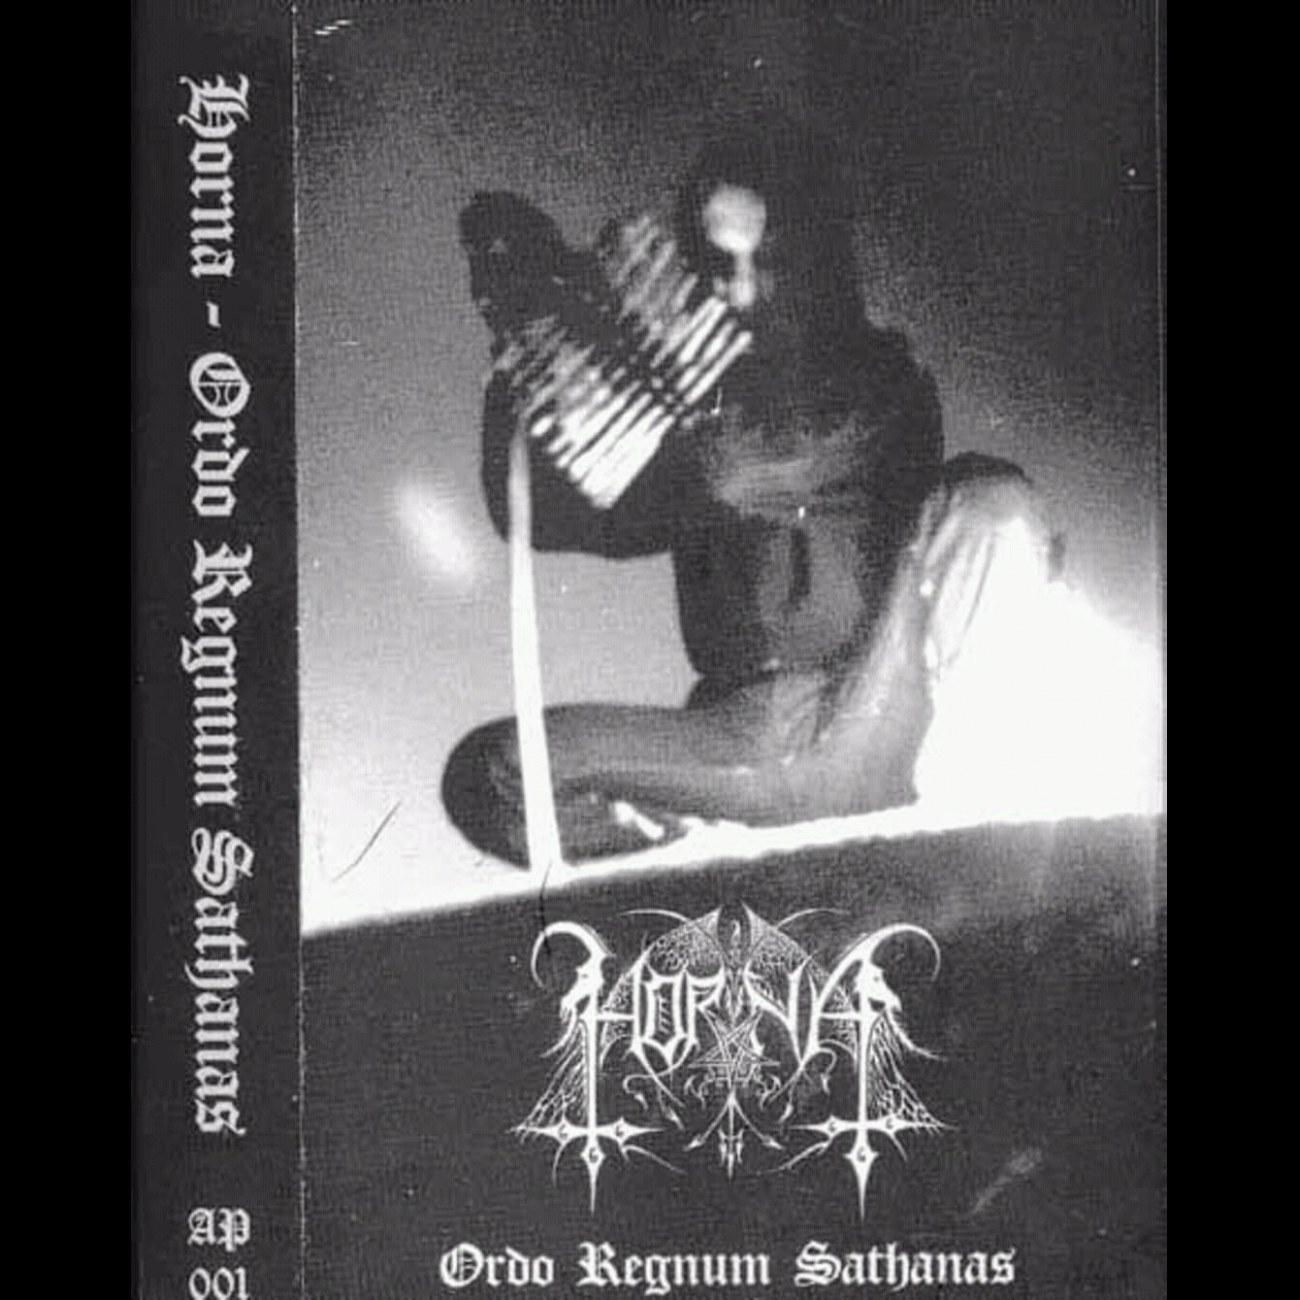 Review for Horna - Ordo Regnum Sathanas